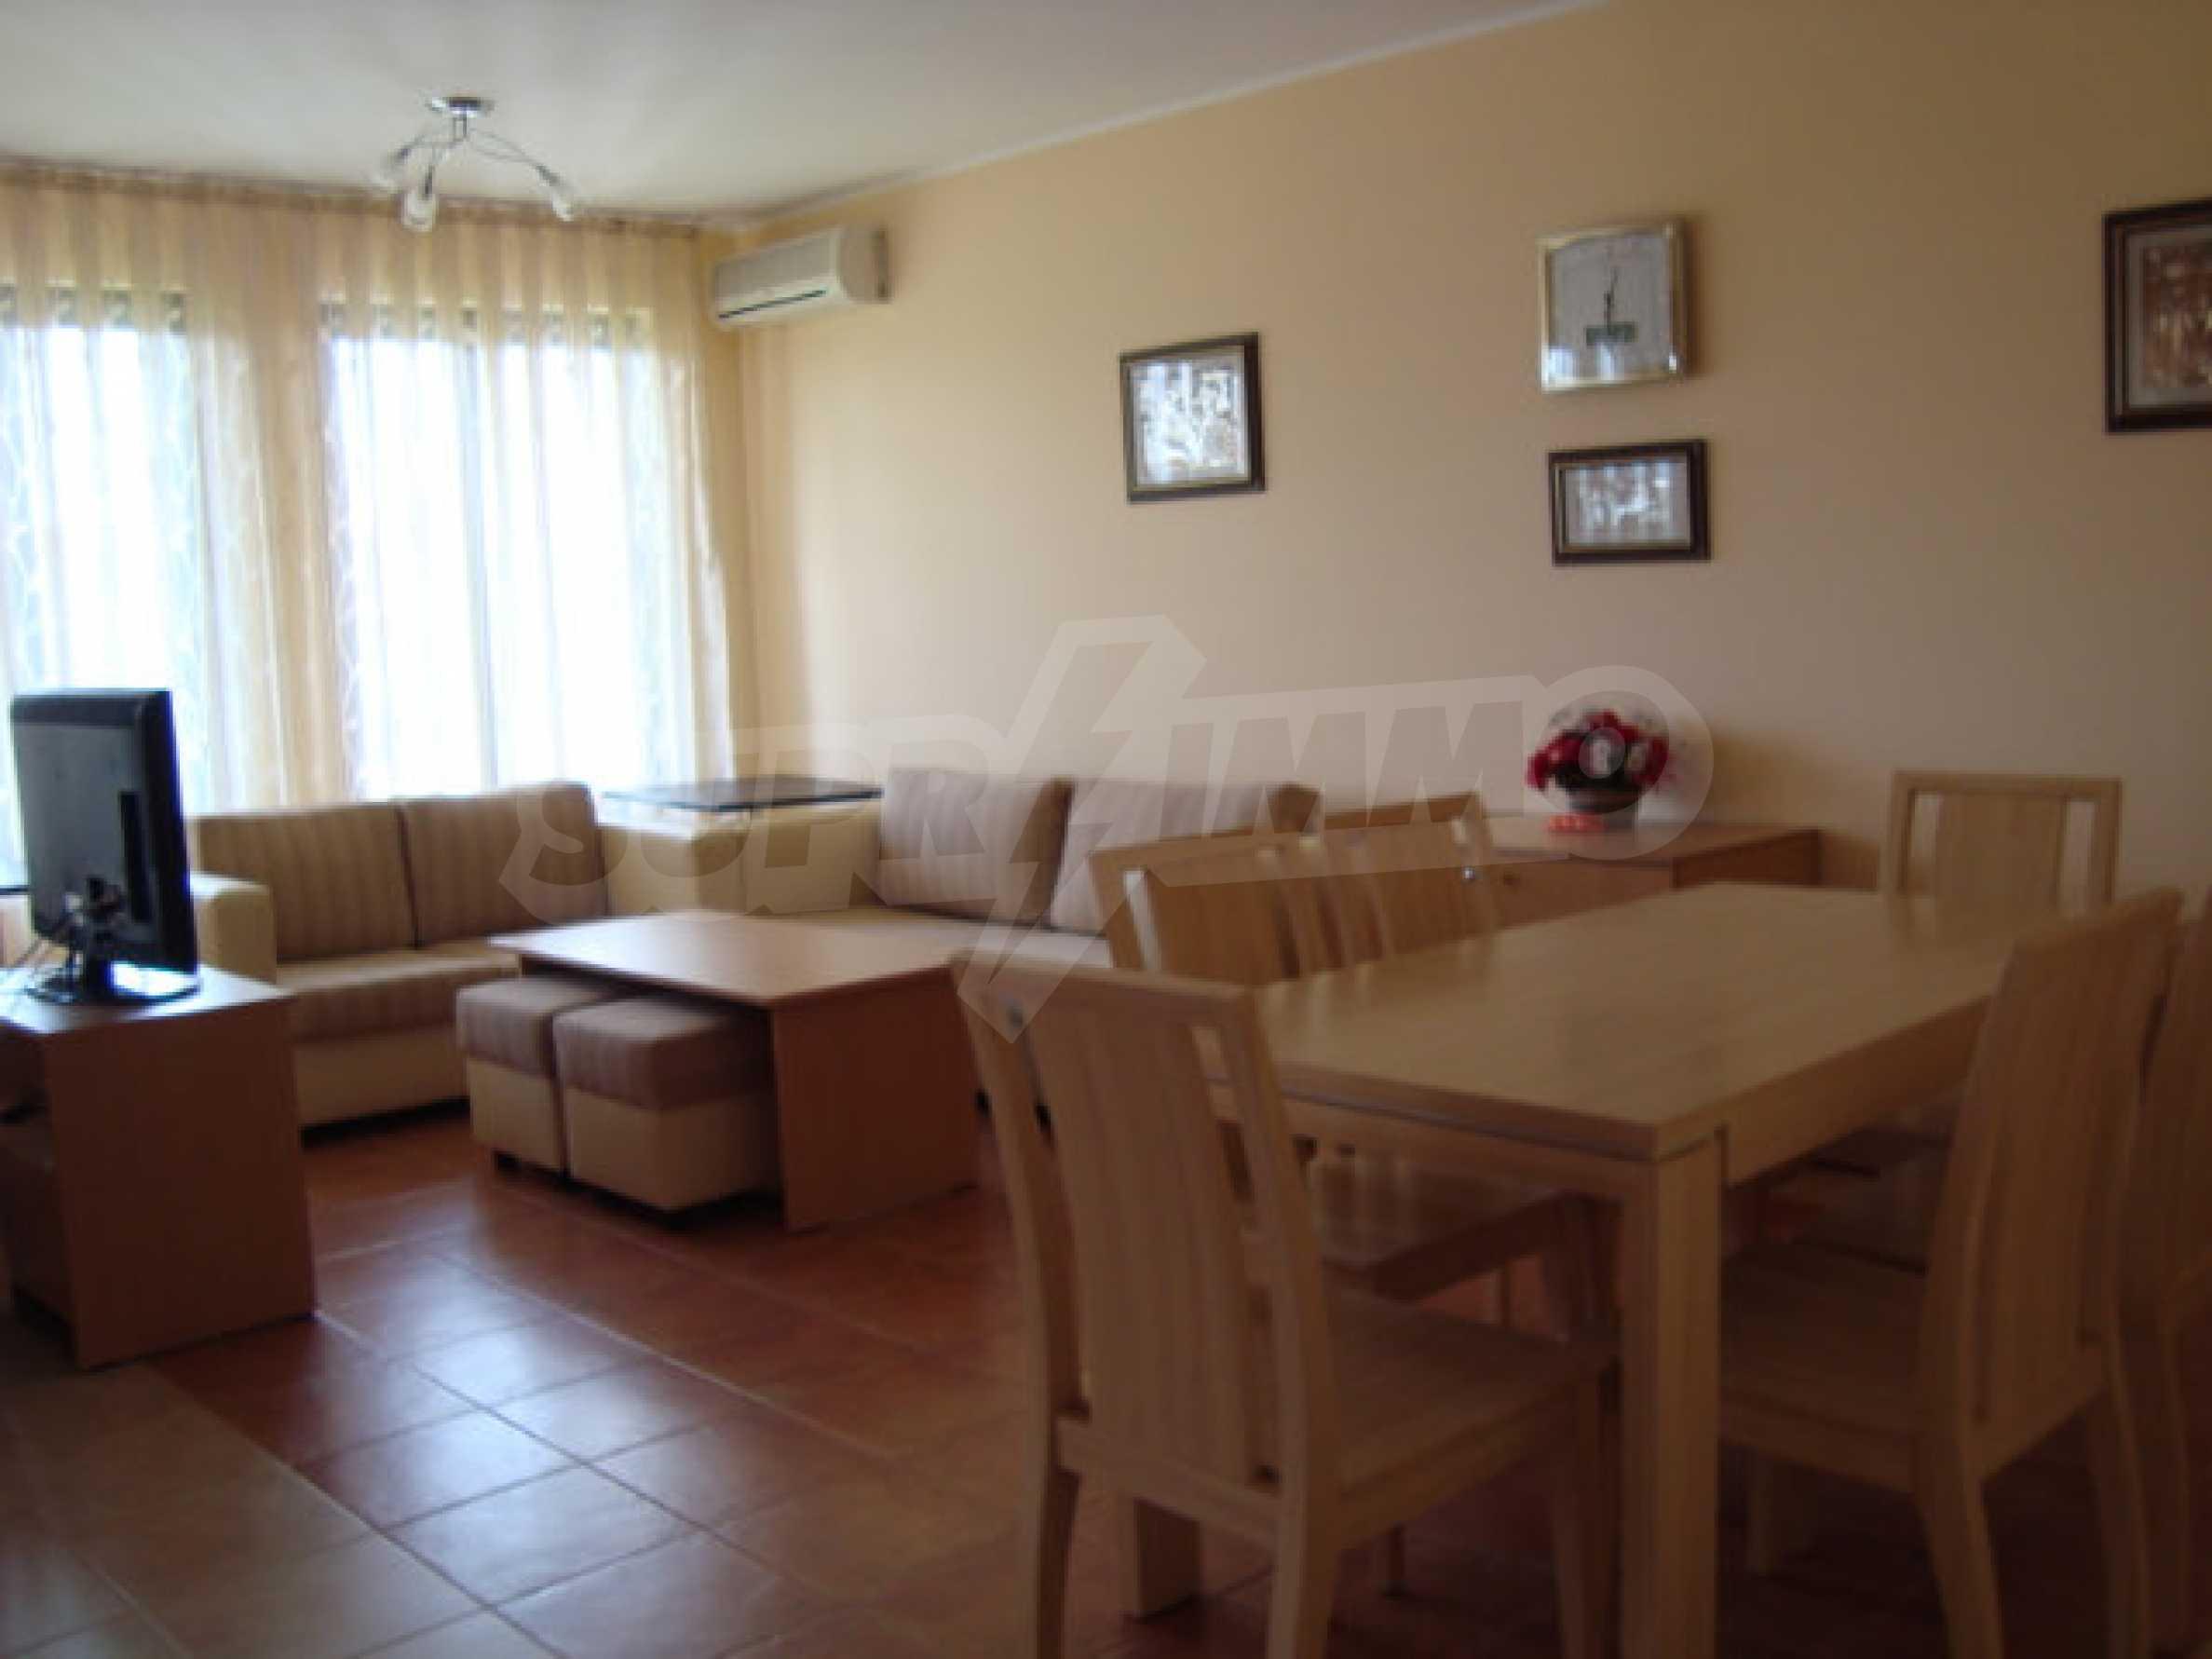 Luxus-Apartment mit zwei Schlafzimmern in einem ausgezeichneten Komplex in Chernomorets 5